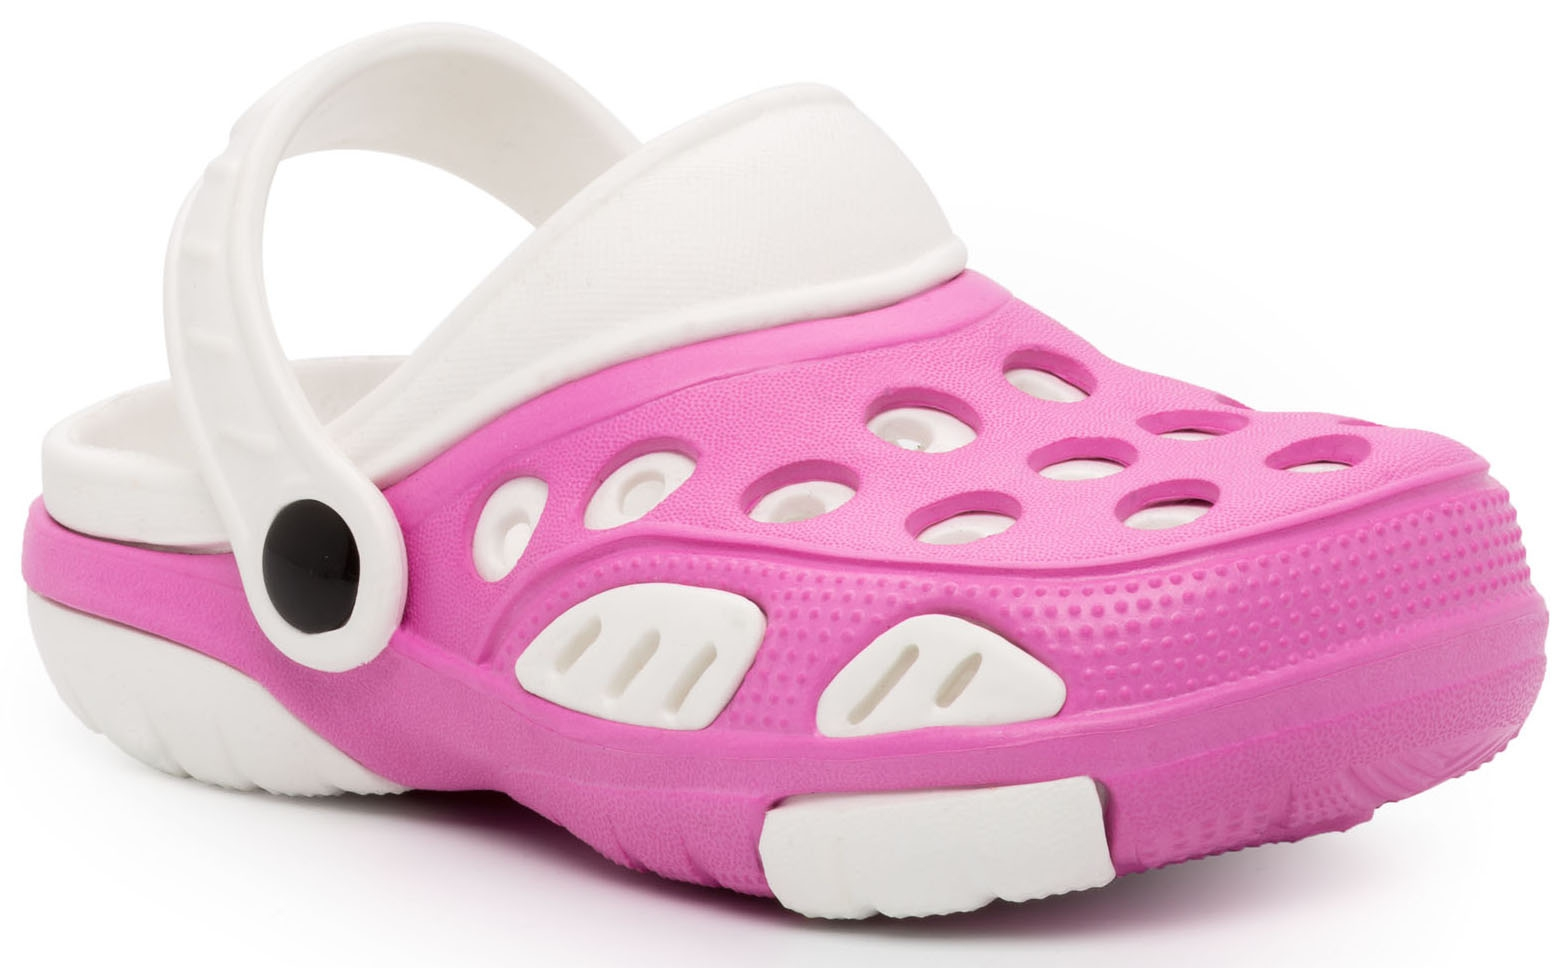 Сланцы (пляжная обувь) Barkito Летние для пляжа и бассейна фуксия пляжная обувь mursu пляжная обувь